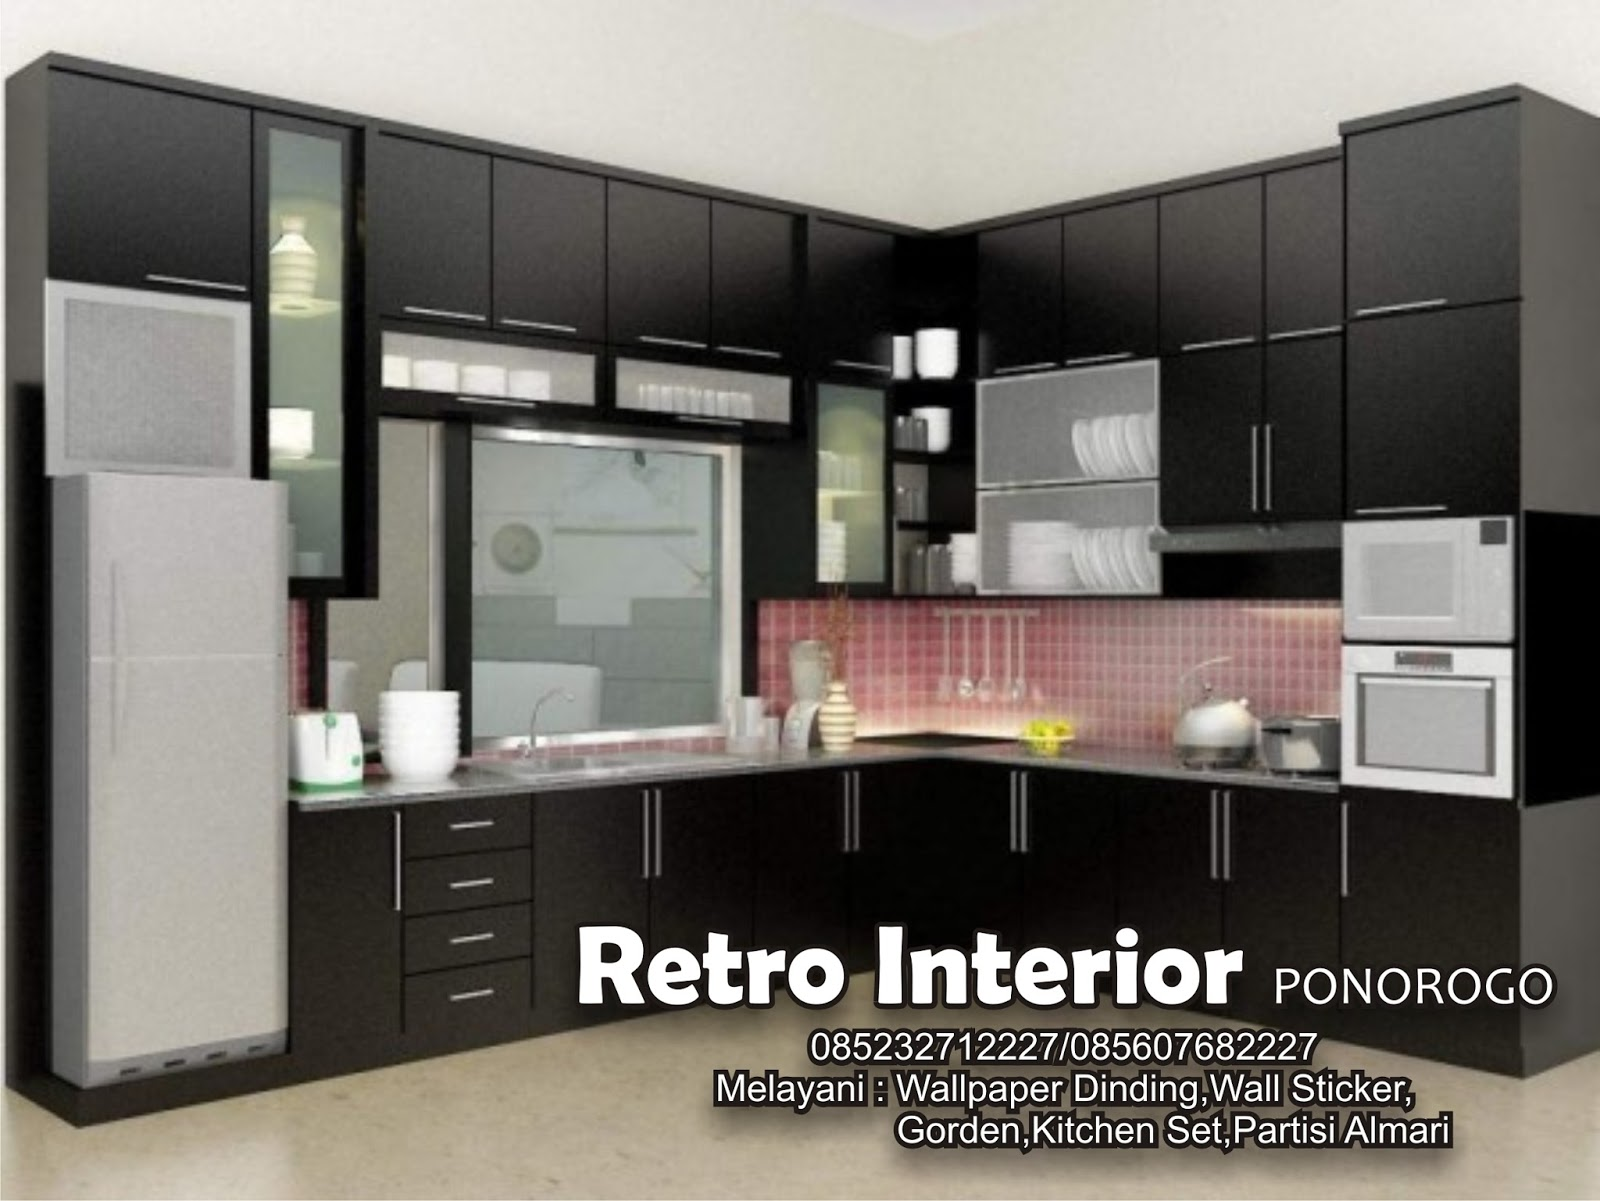 Toko Wallpaper Dinding Madiun 081335372227 085607682227 Kitchen Set